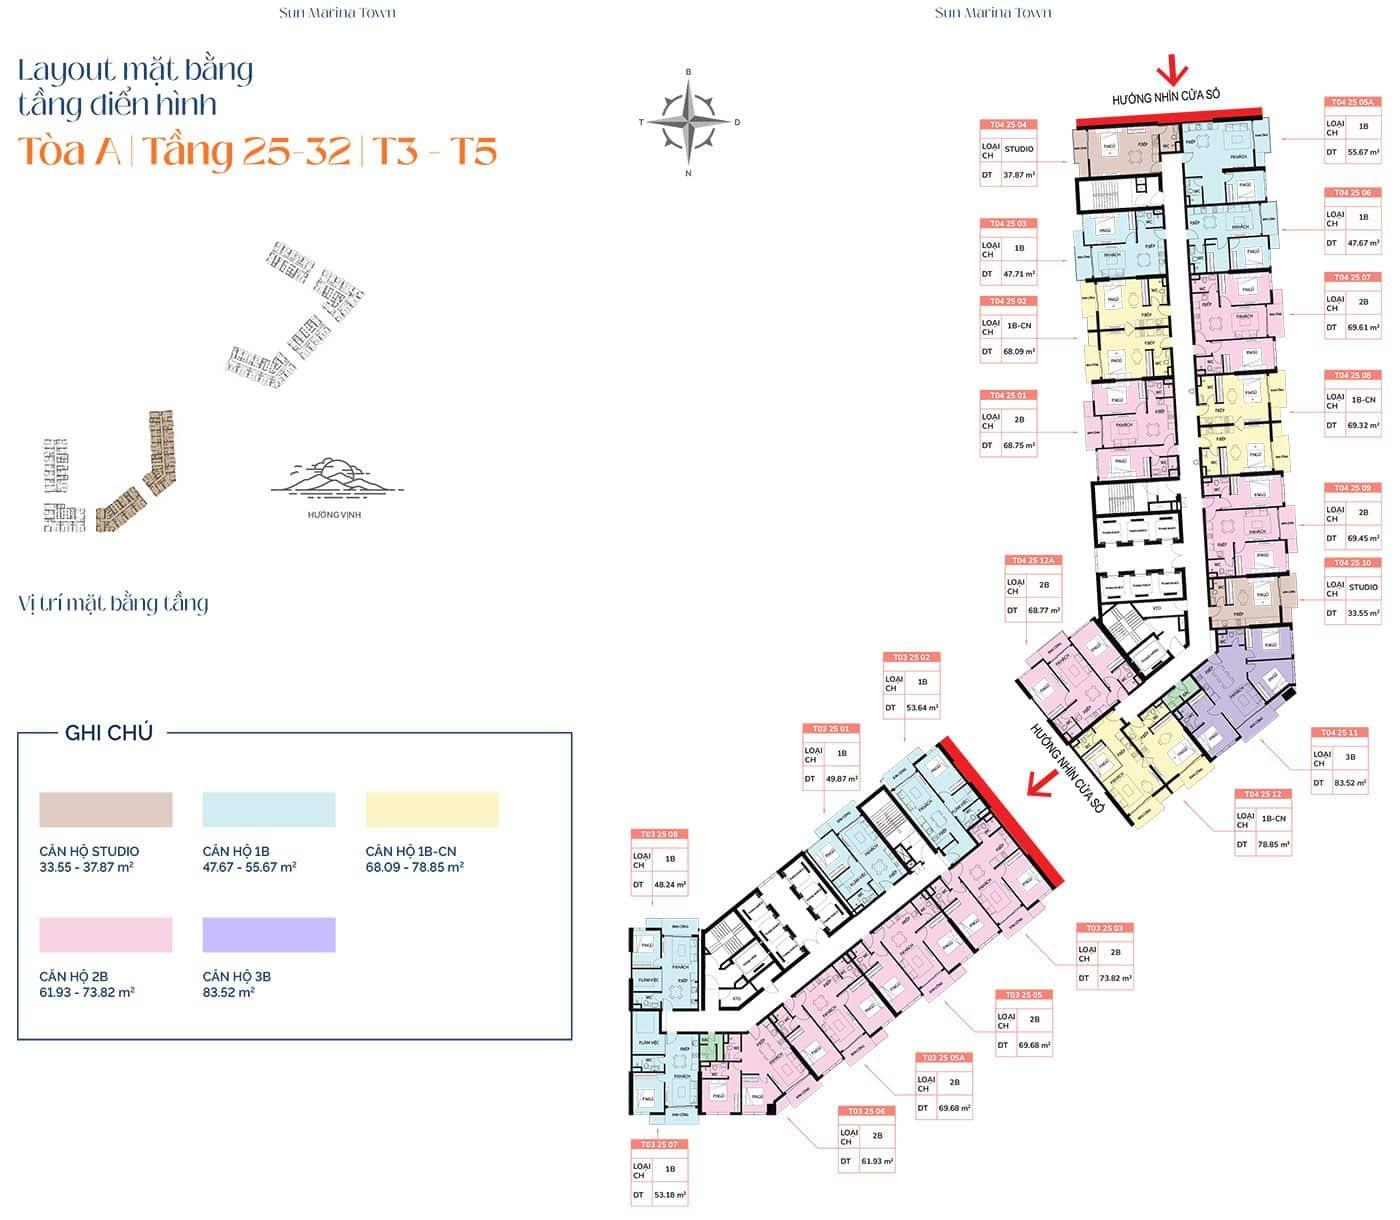 Mặt bằng tầng điển hình tòa A, từ tầng 25 đến tầng 32, T3 và T5.